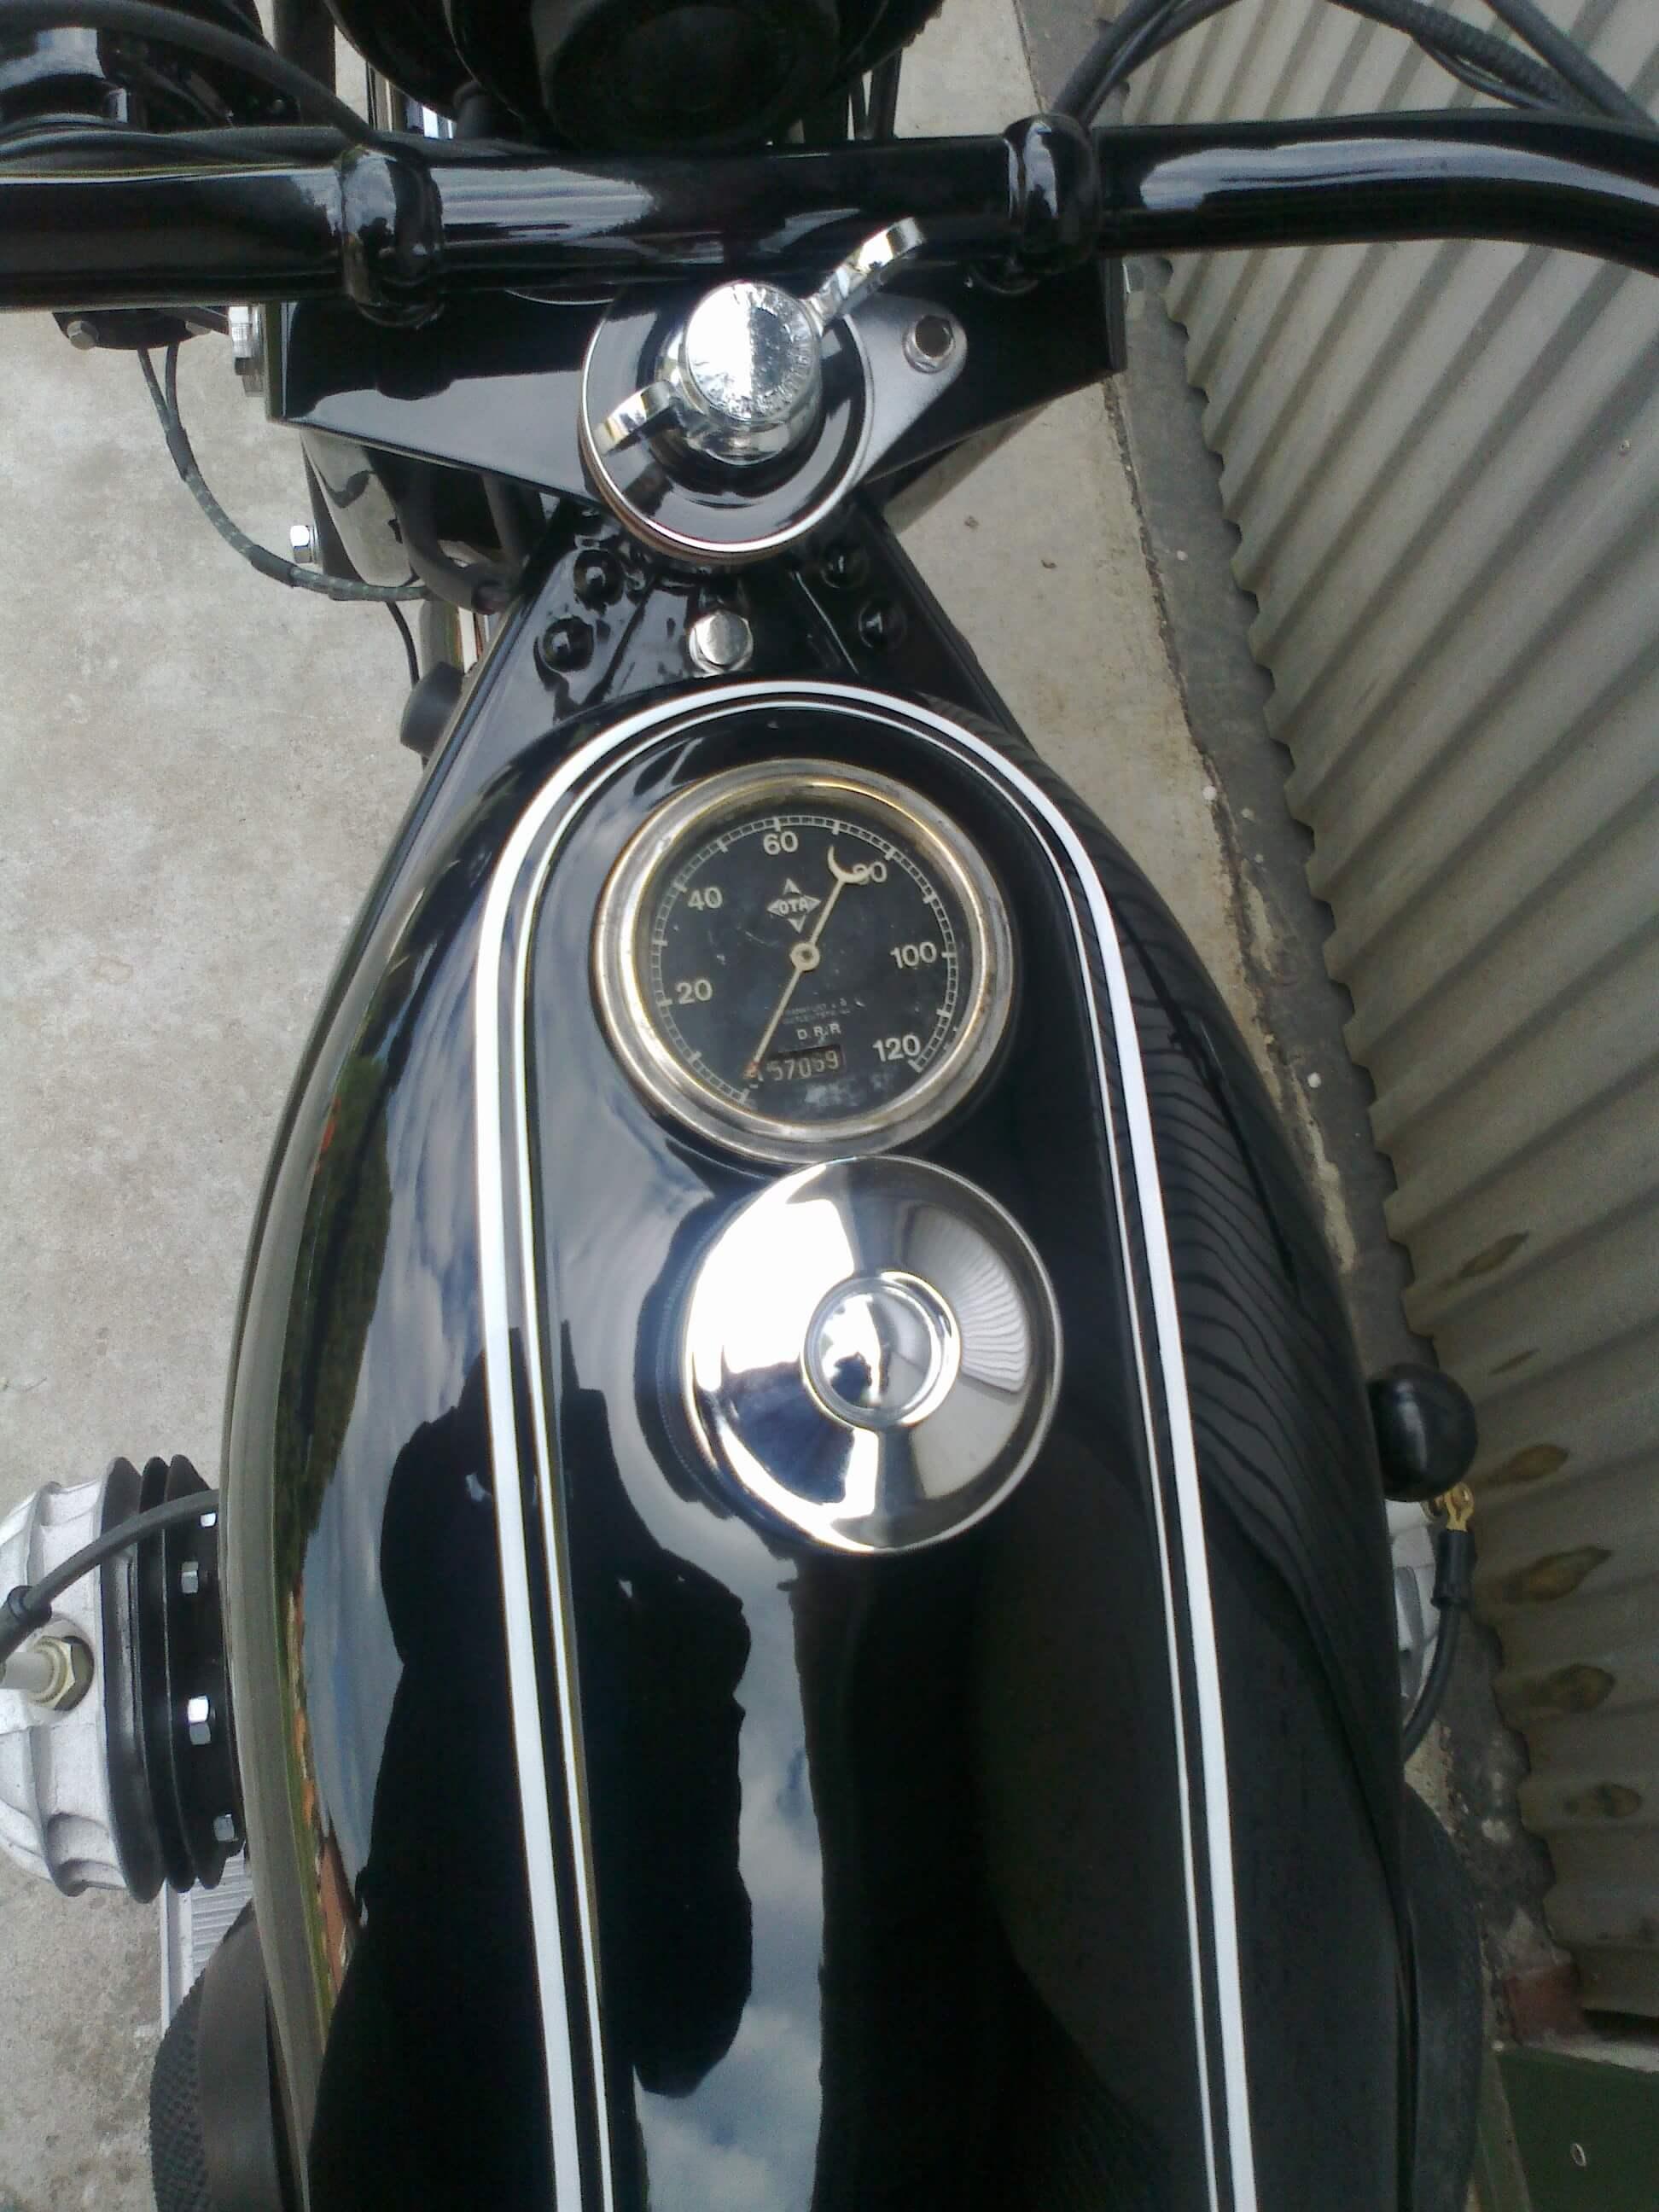 BMW R11 restored